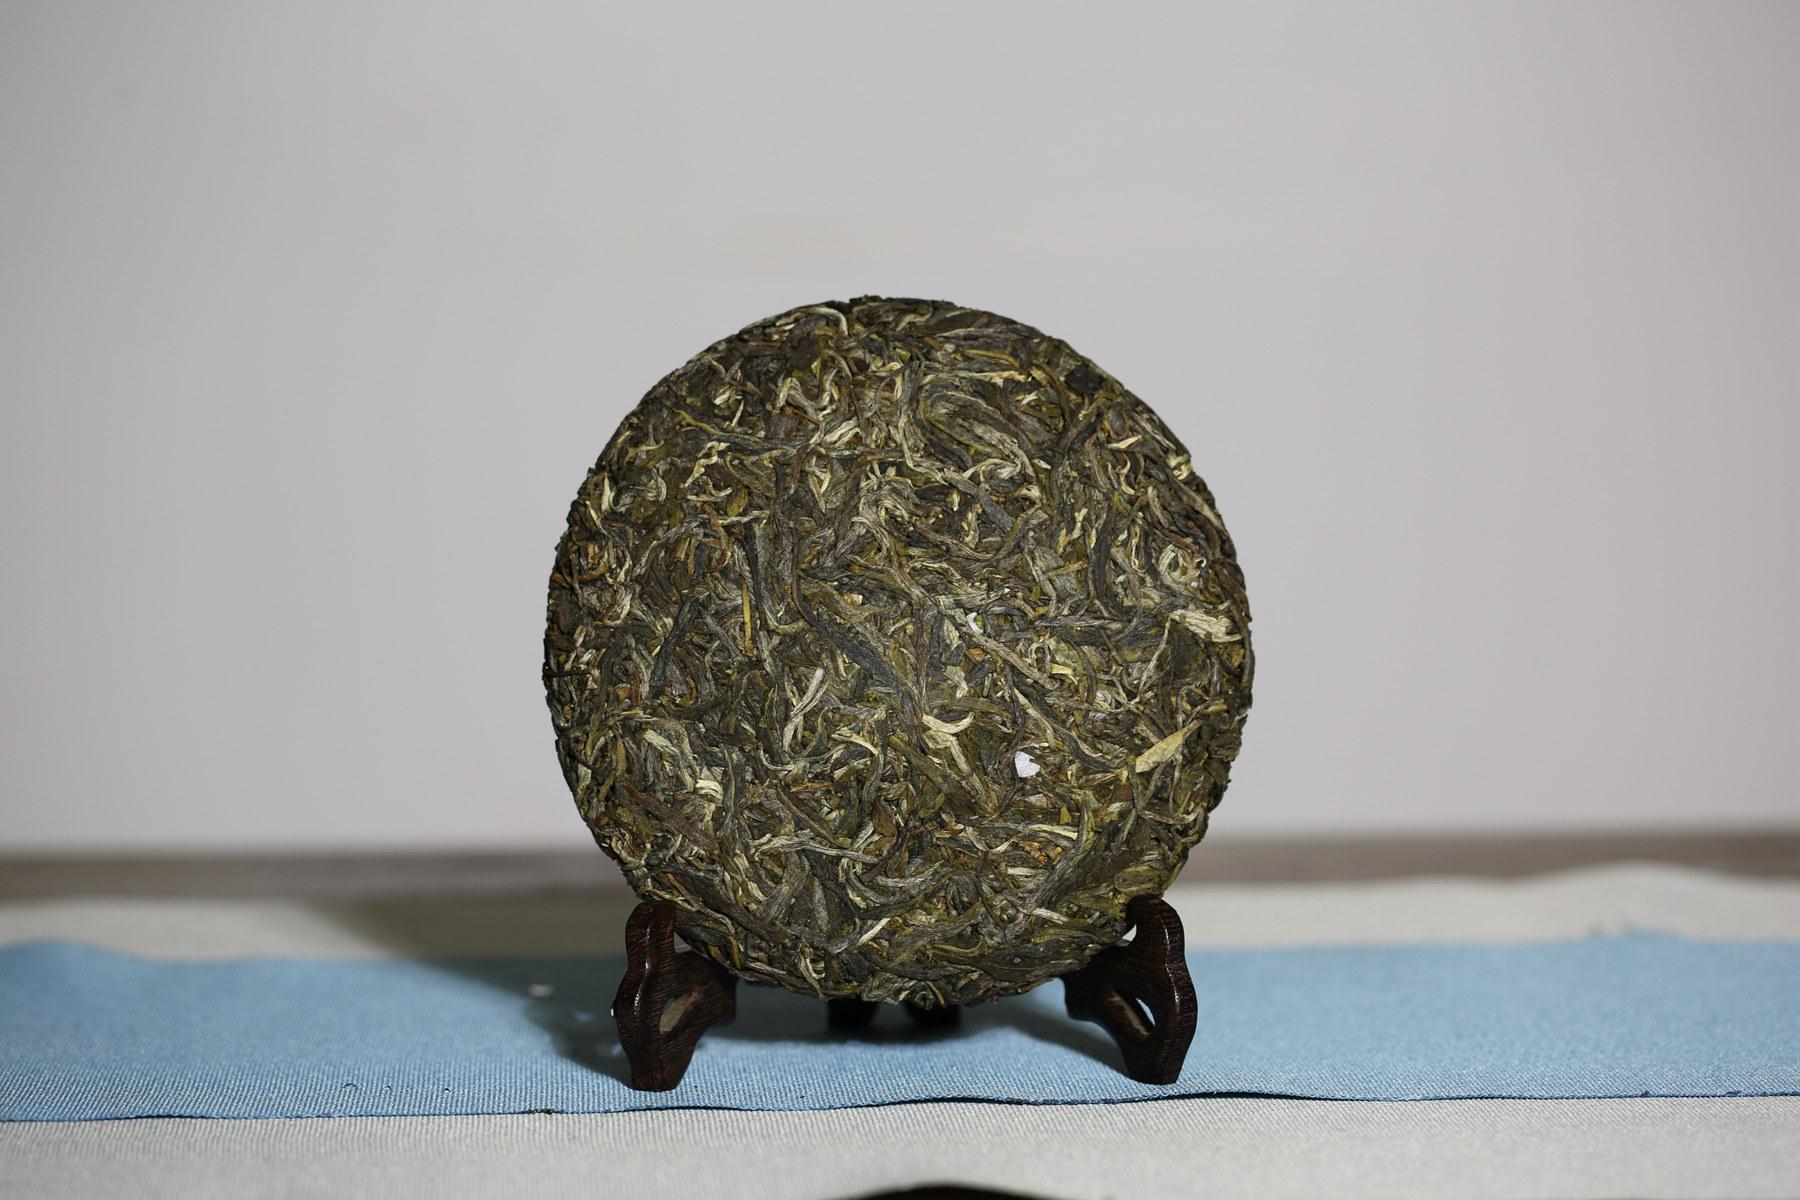 【干货分享】浅析普洱茶第几泡口感表现较佳?